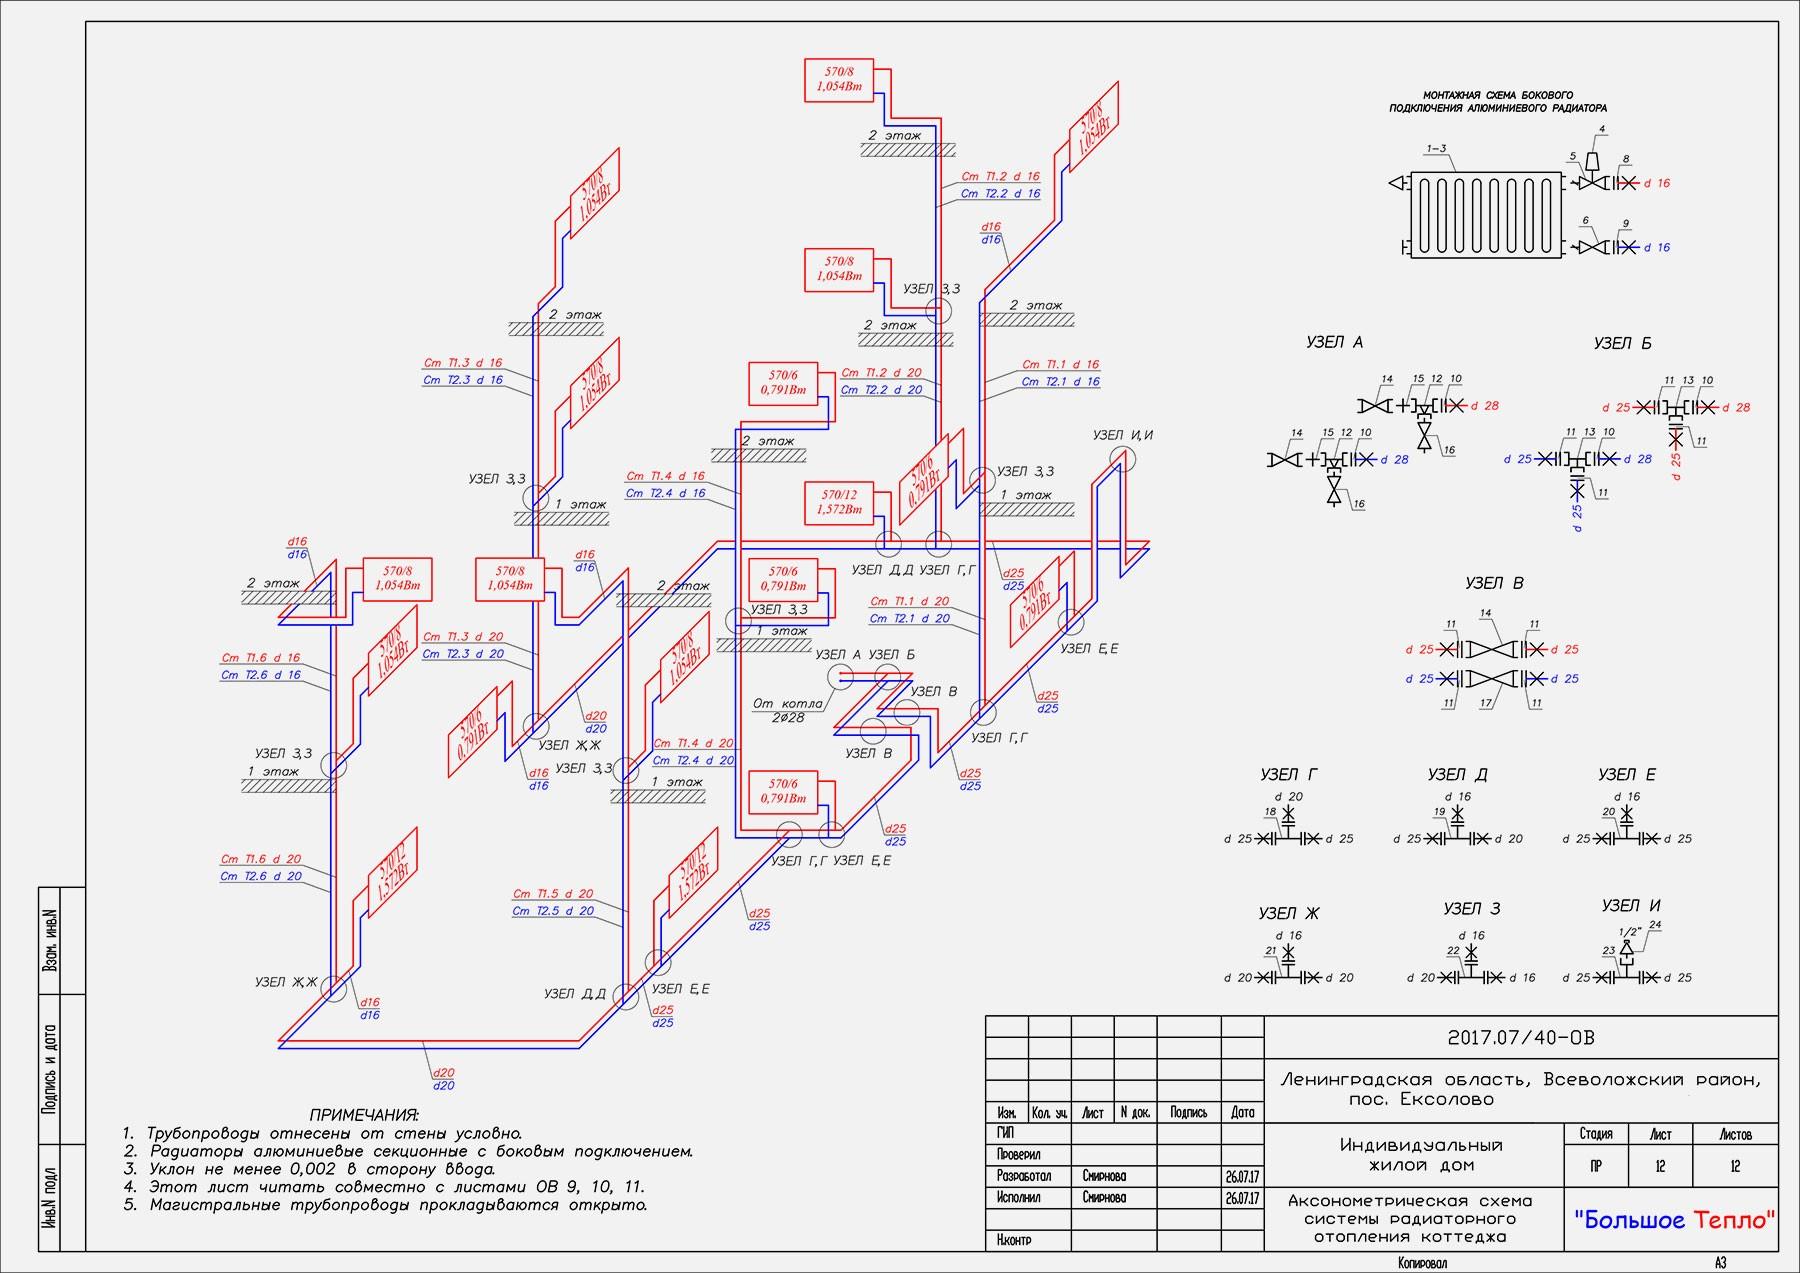 Аксонометрическая схема водопровода: назначение, данные и особенности проетирования